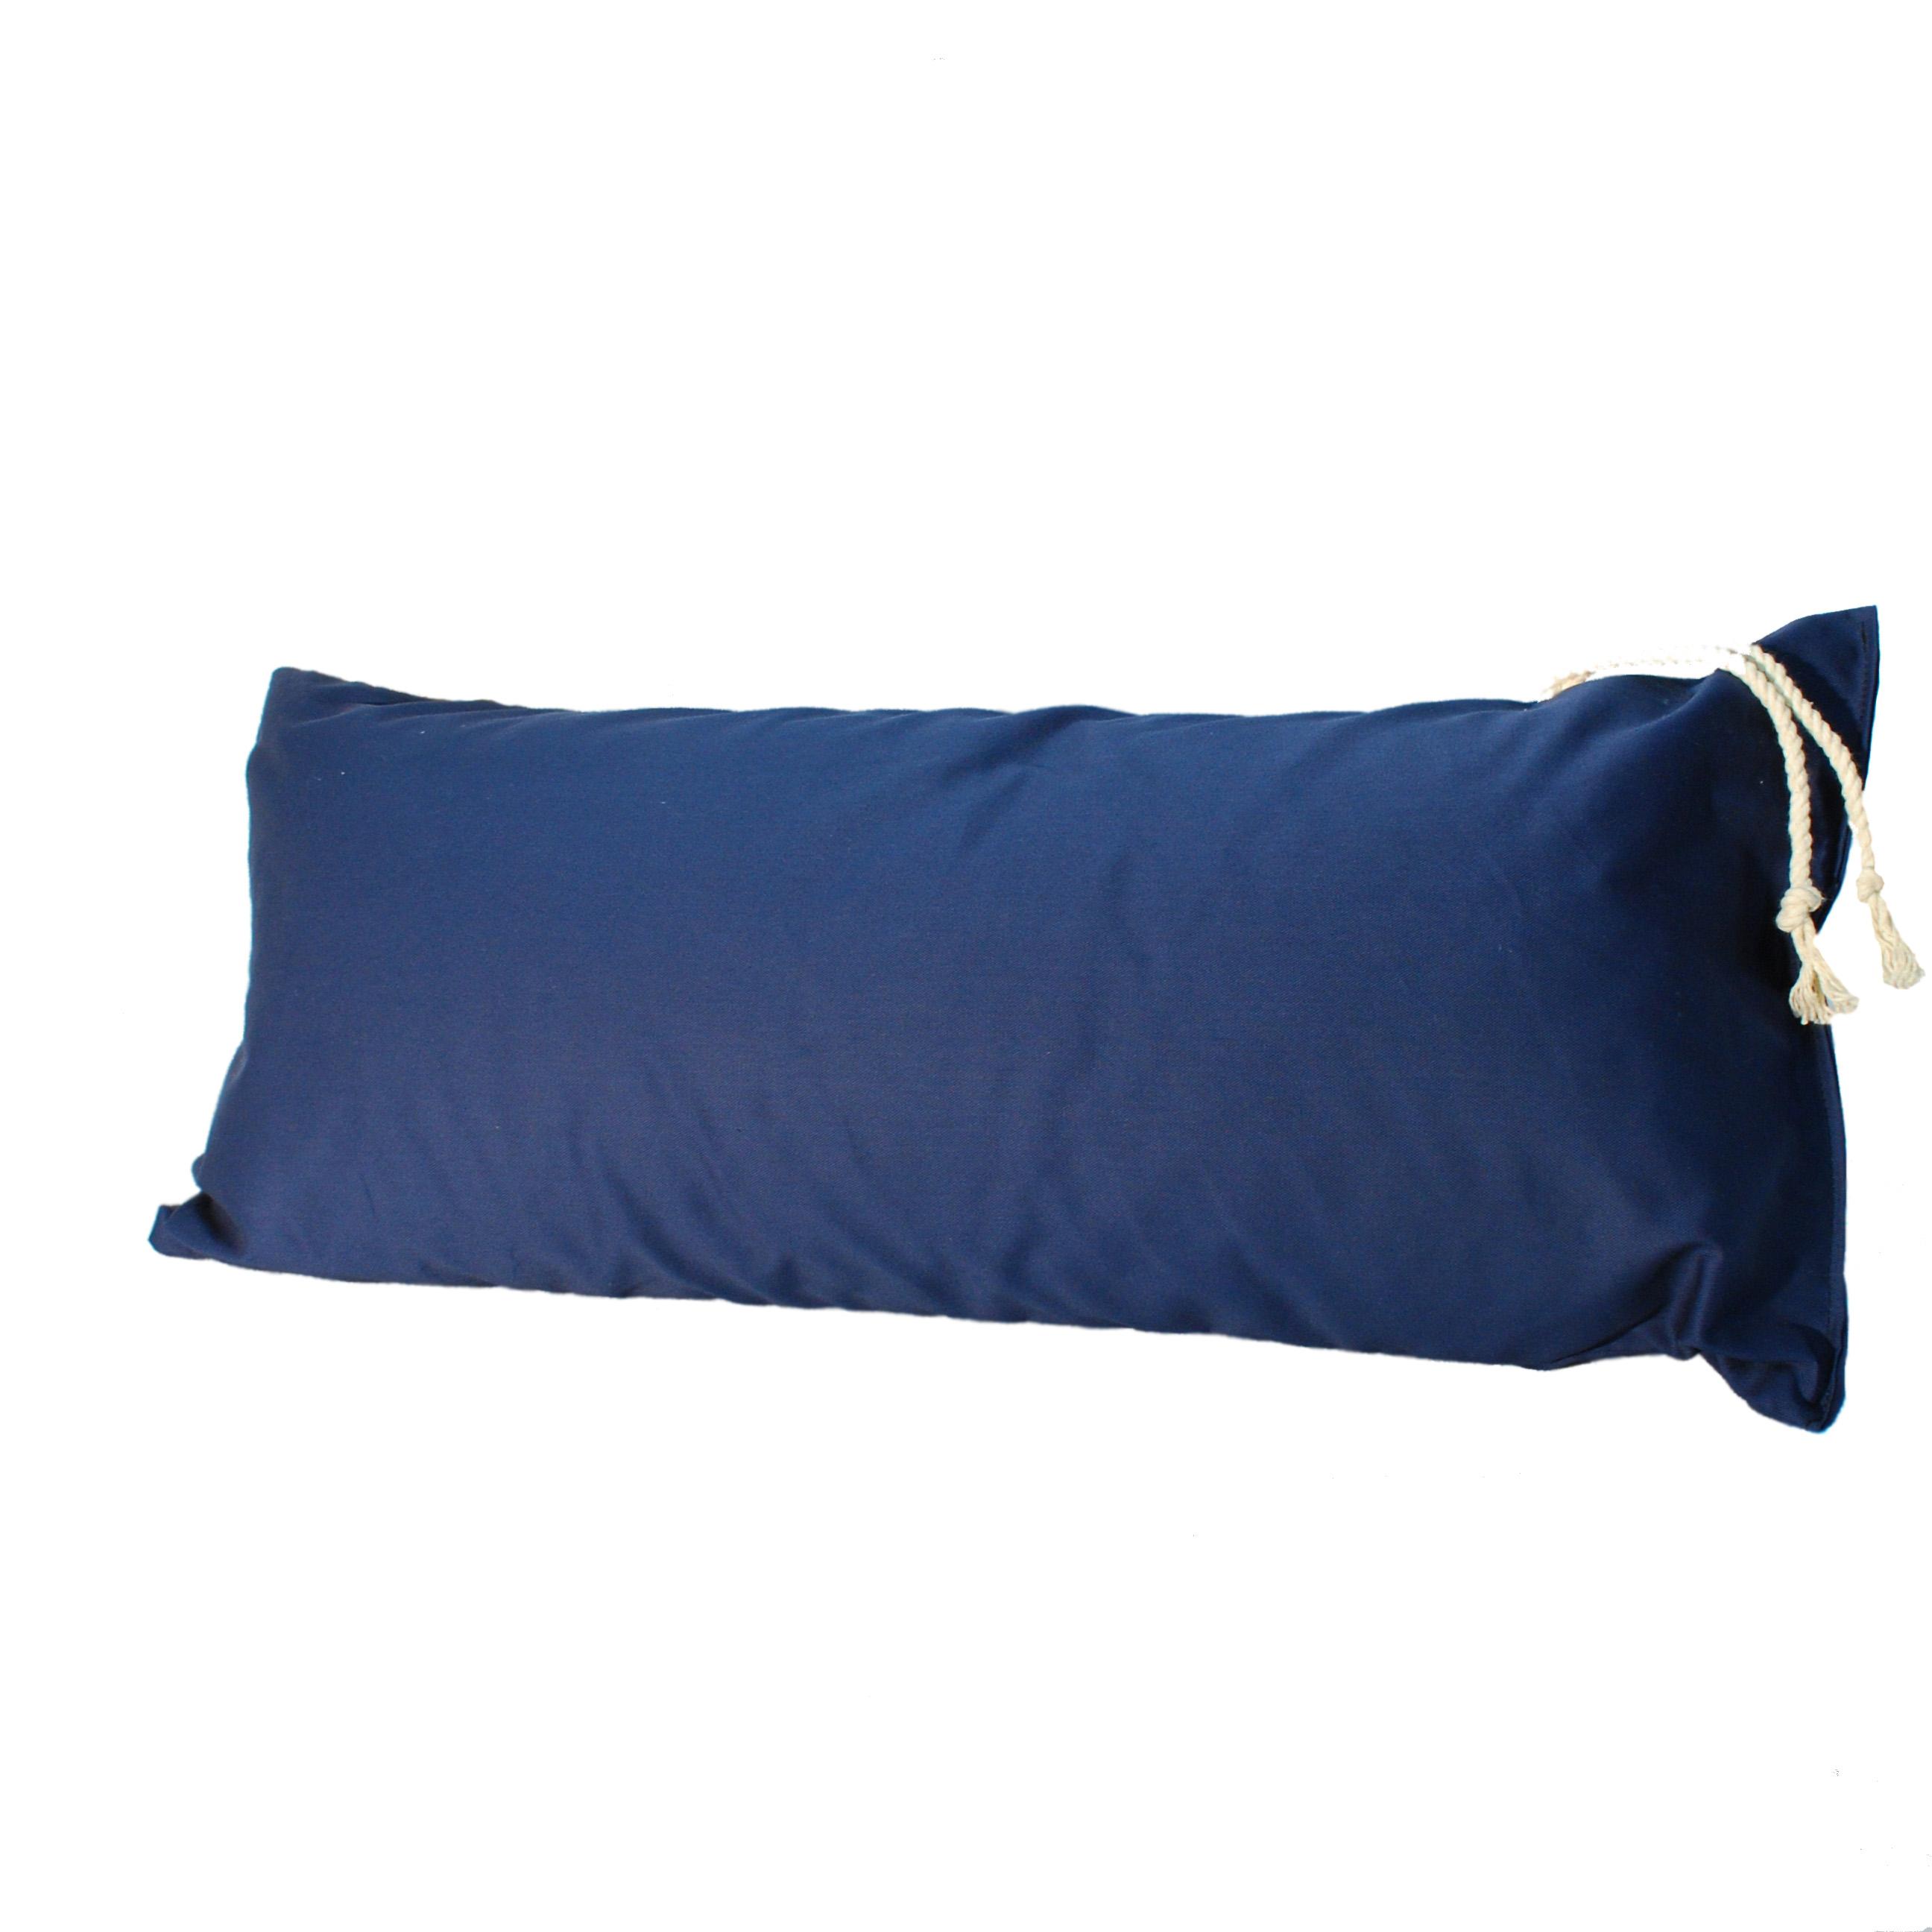 Deluxe Hammock Pillow - Navy